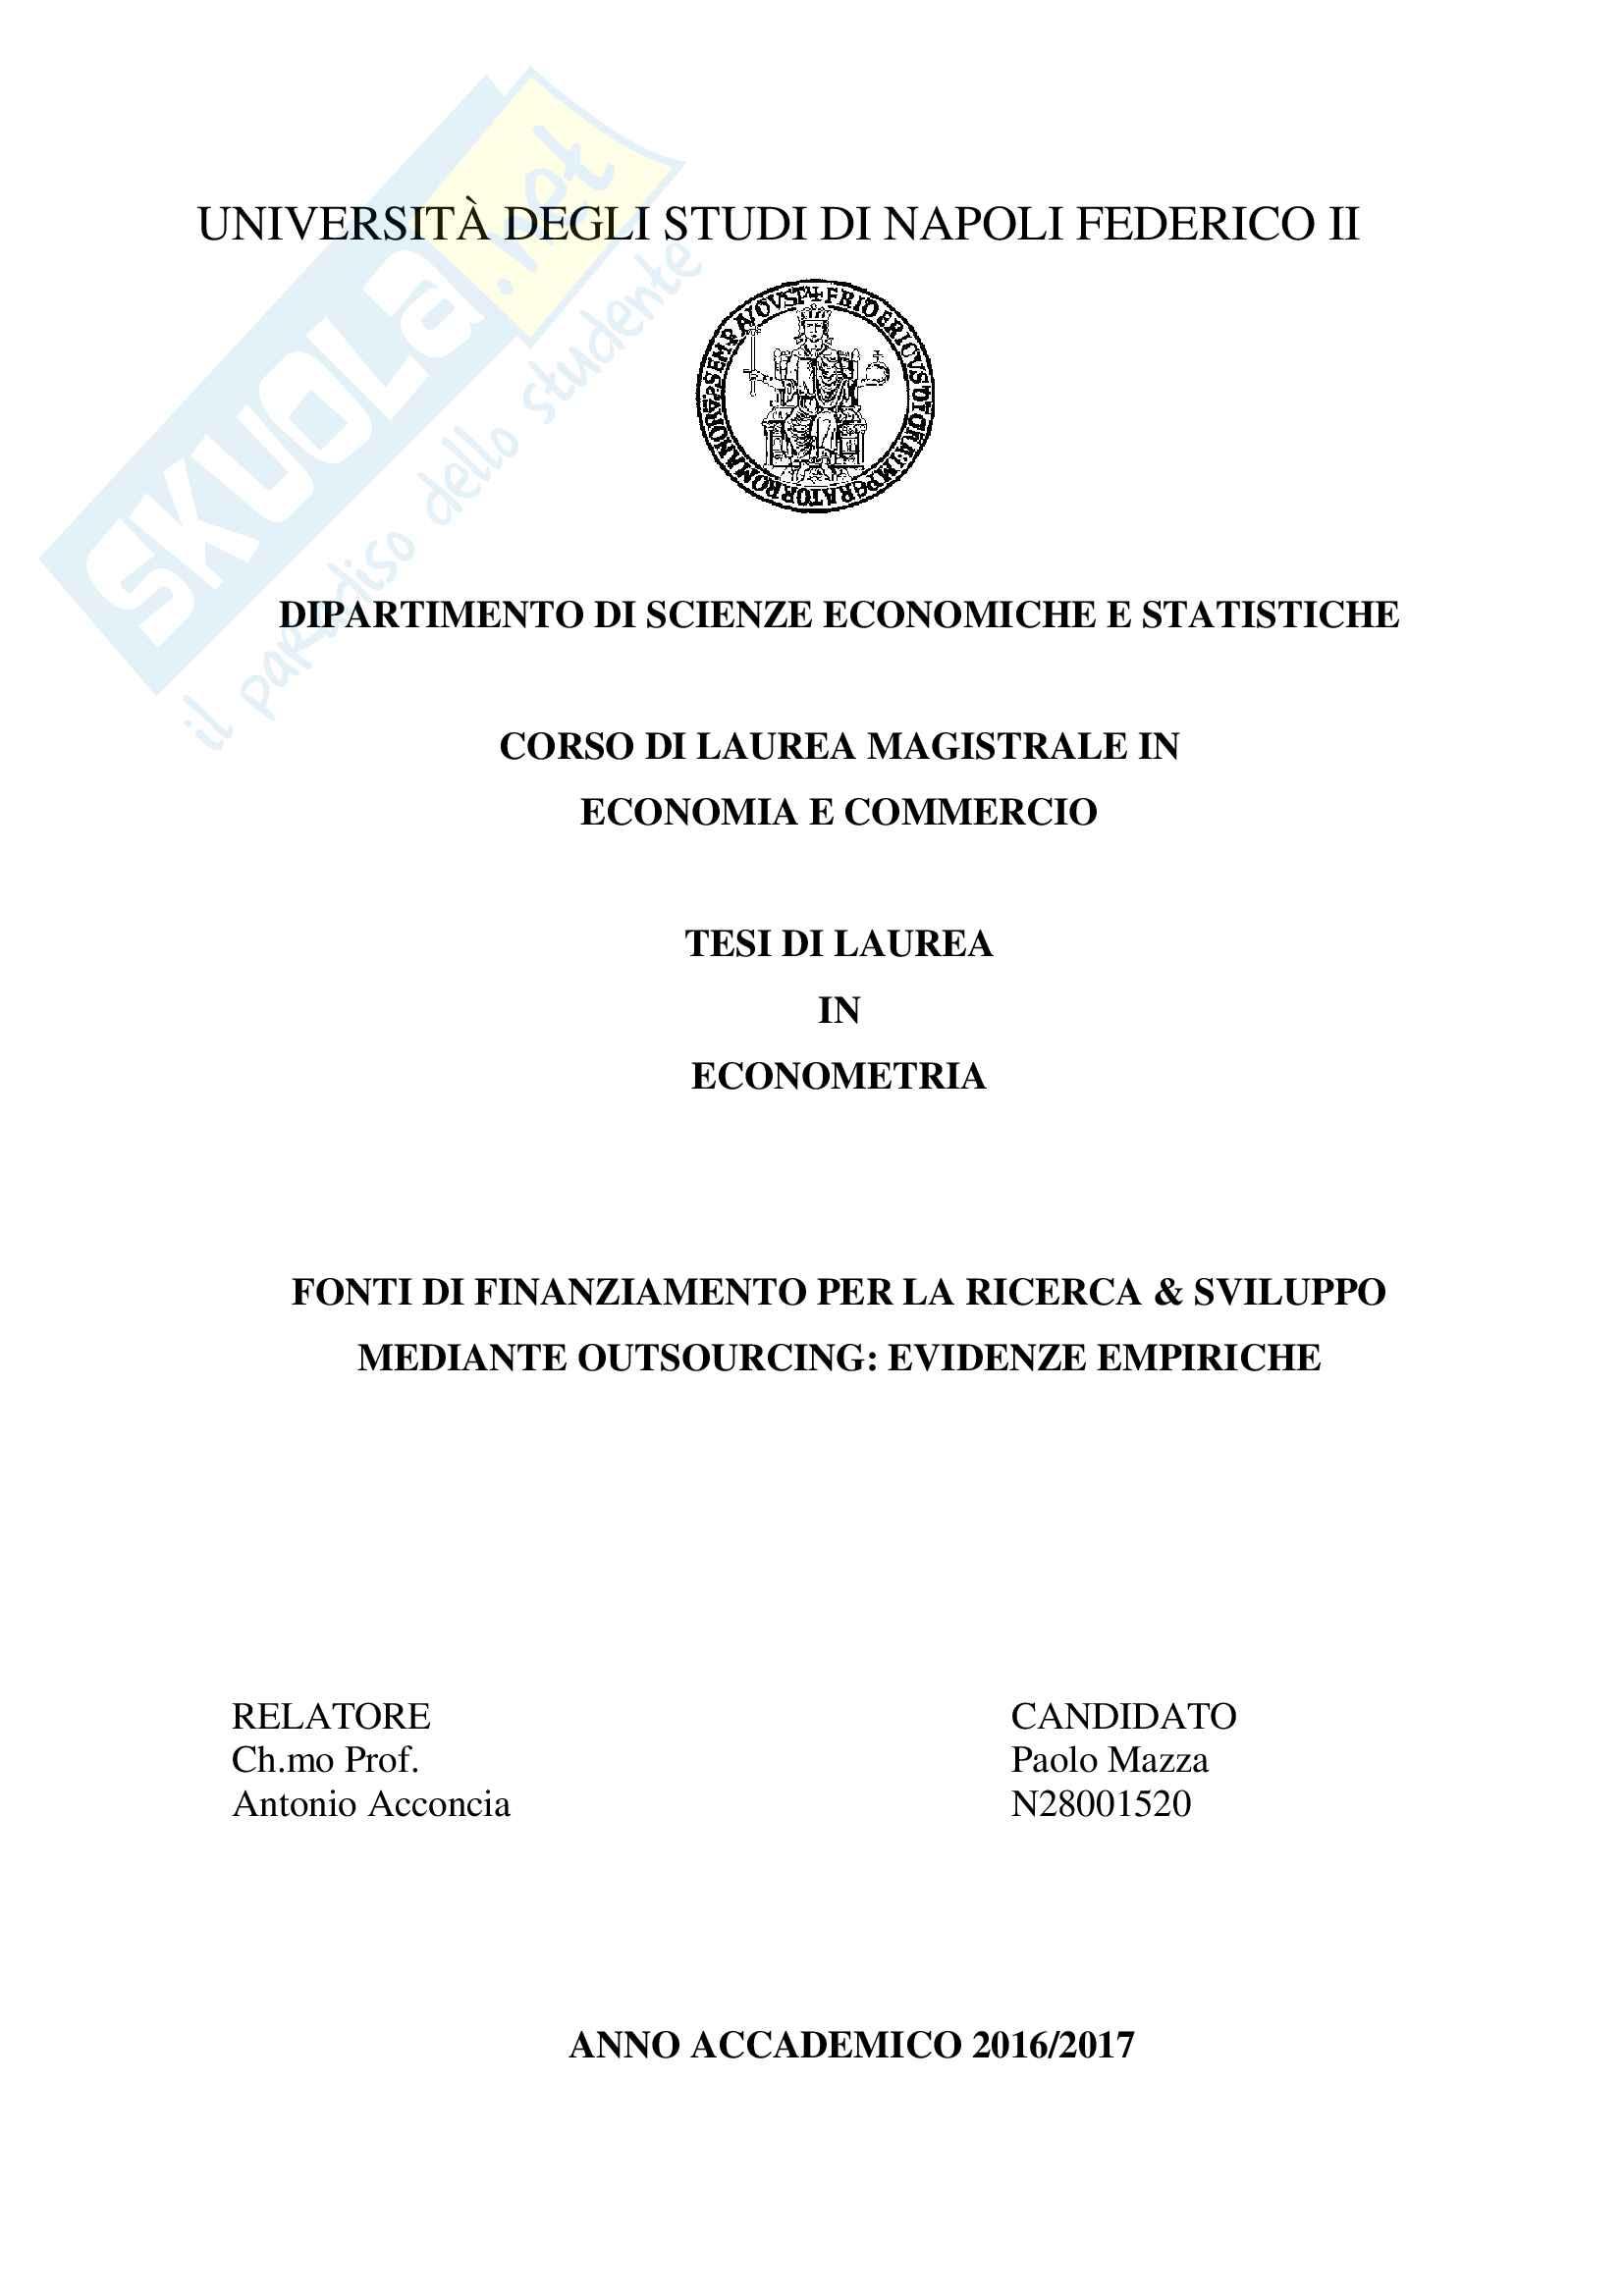 Outsourcing della Ricerca & Sviluppo: analisi empirica, tesi in econometria